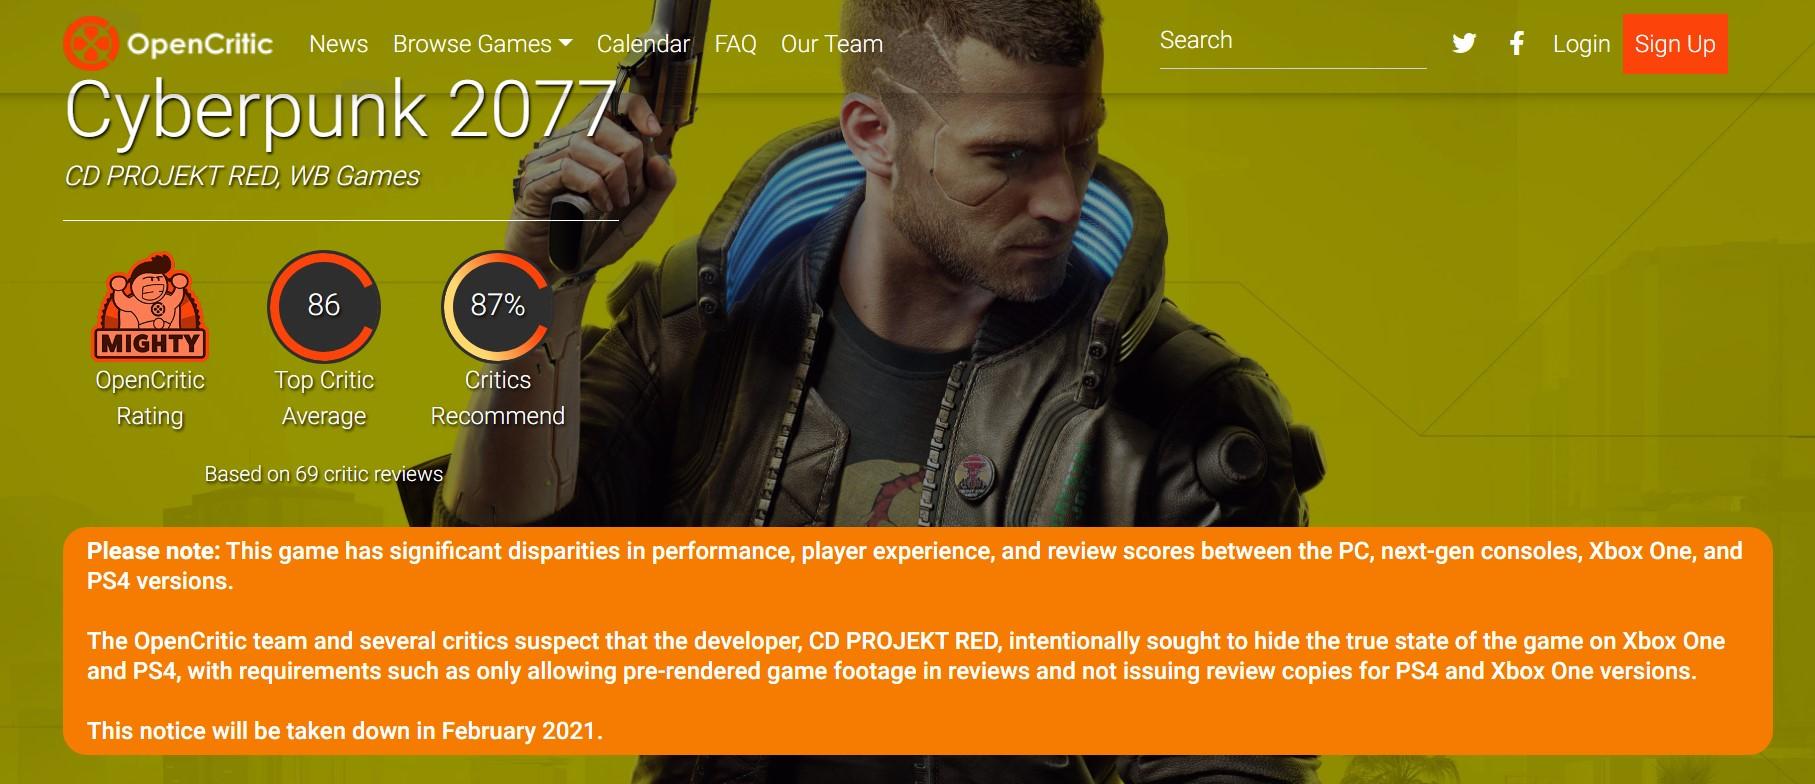 国外众评站OpenCritic指控《赛博朋克2077》主机版评分存在控评行为